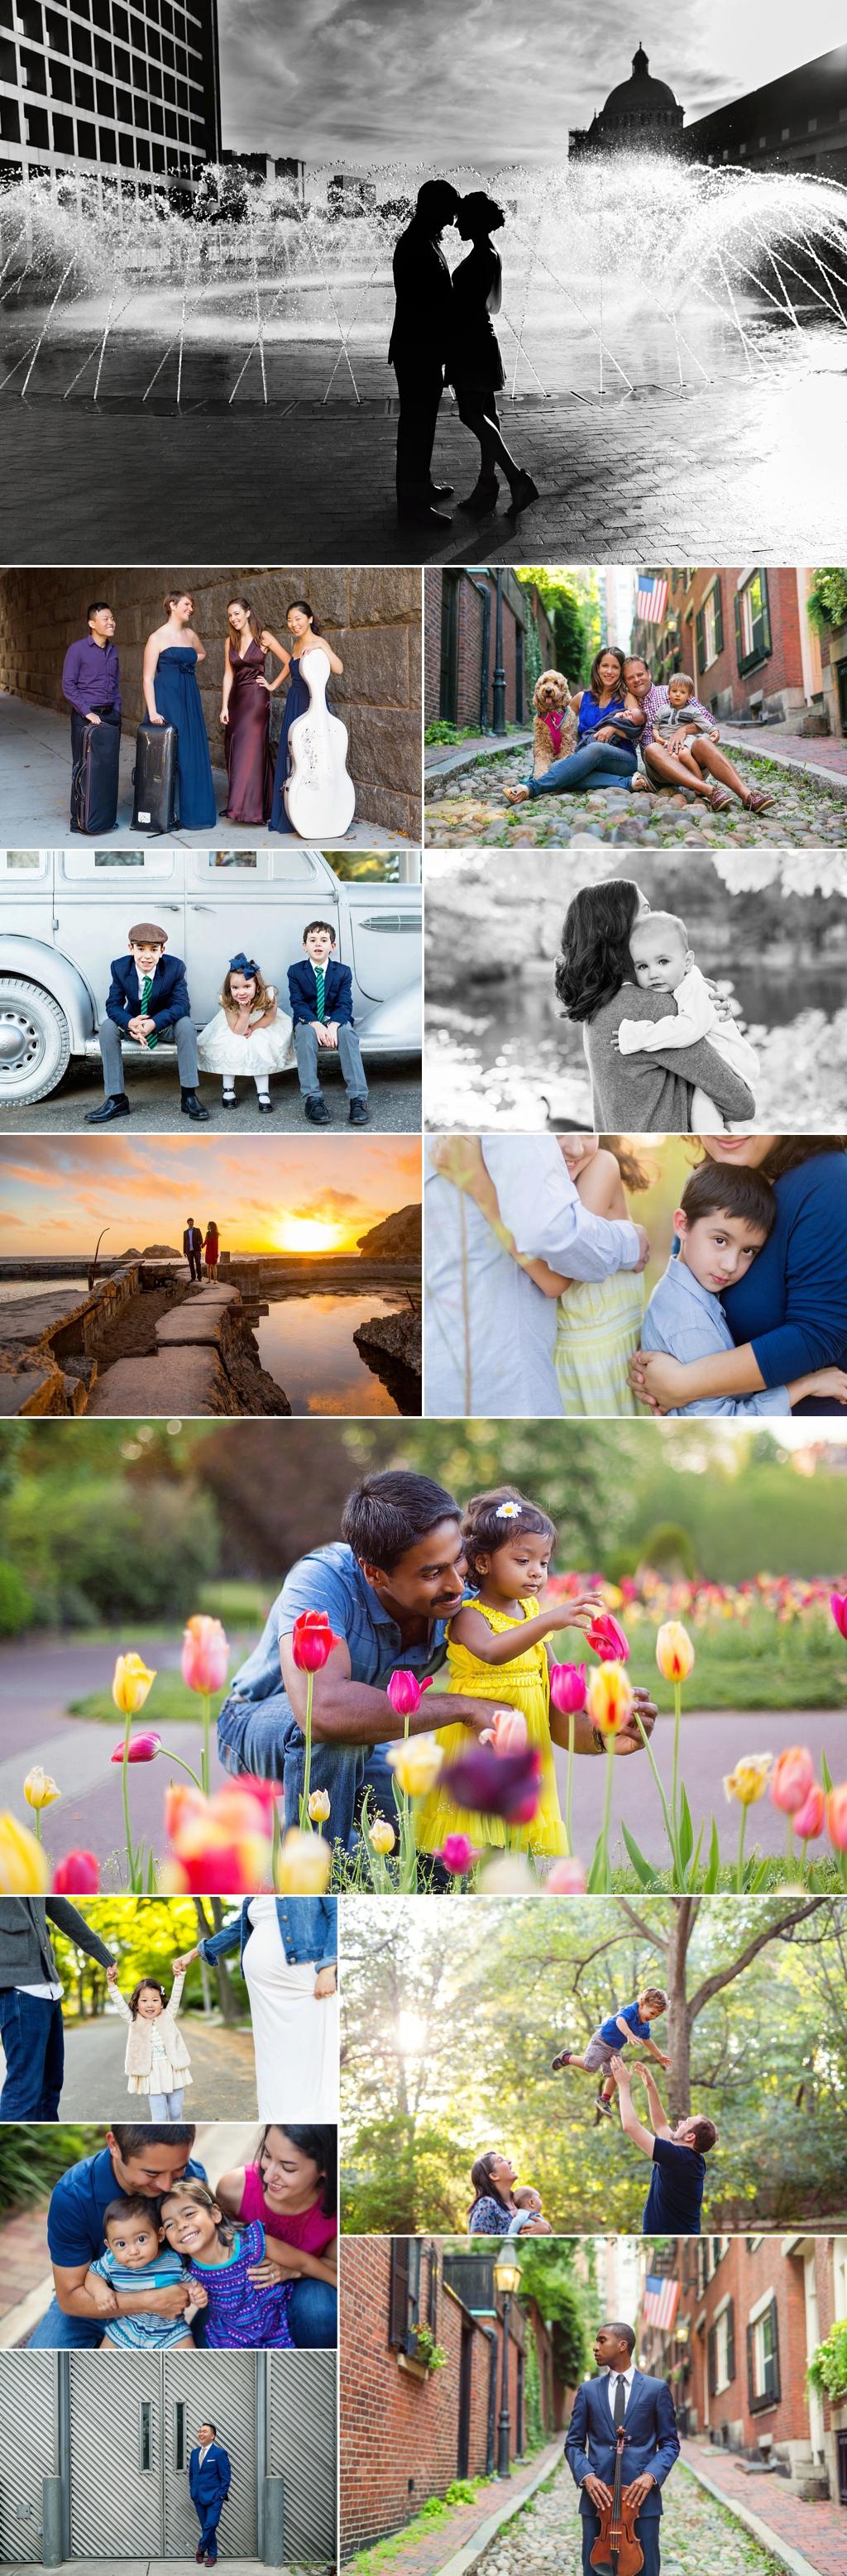 boston_family_photographer_2015_09